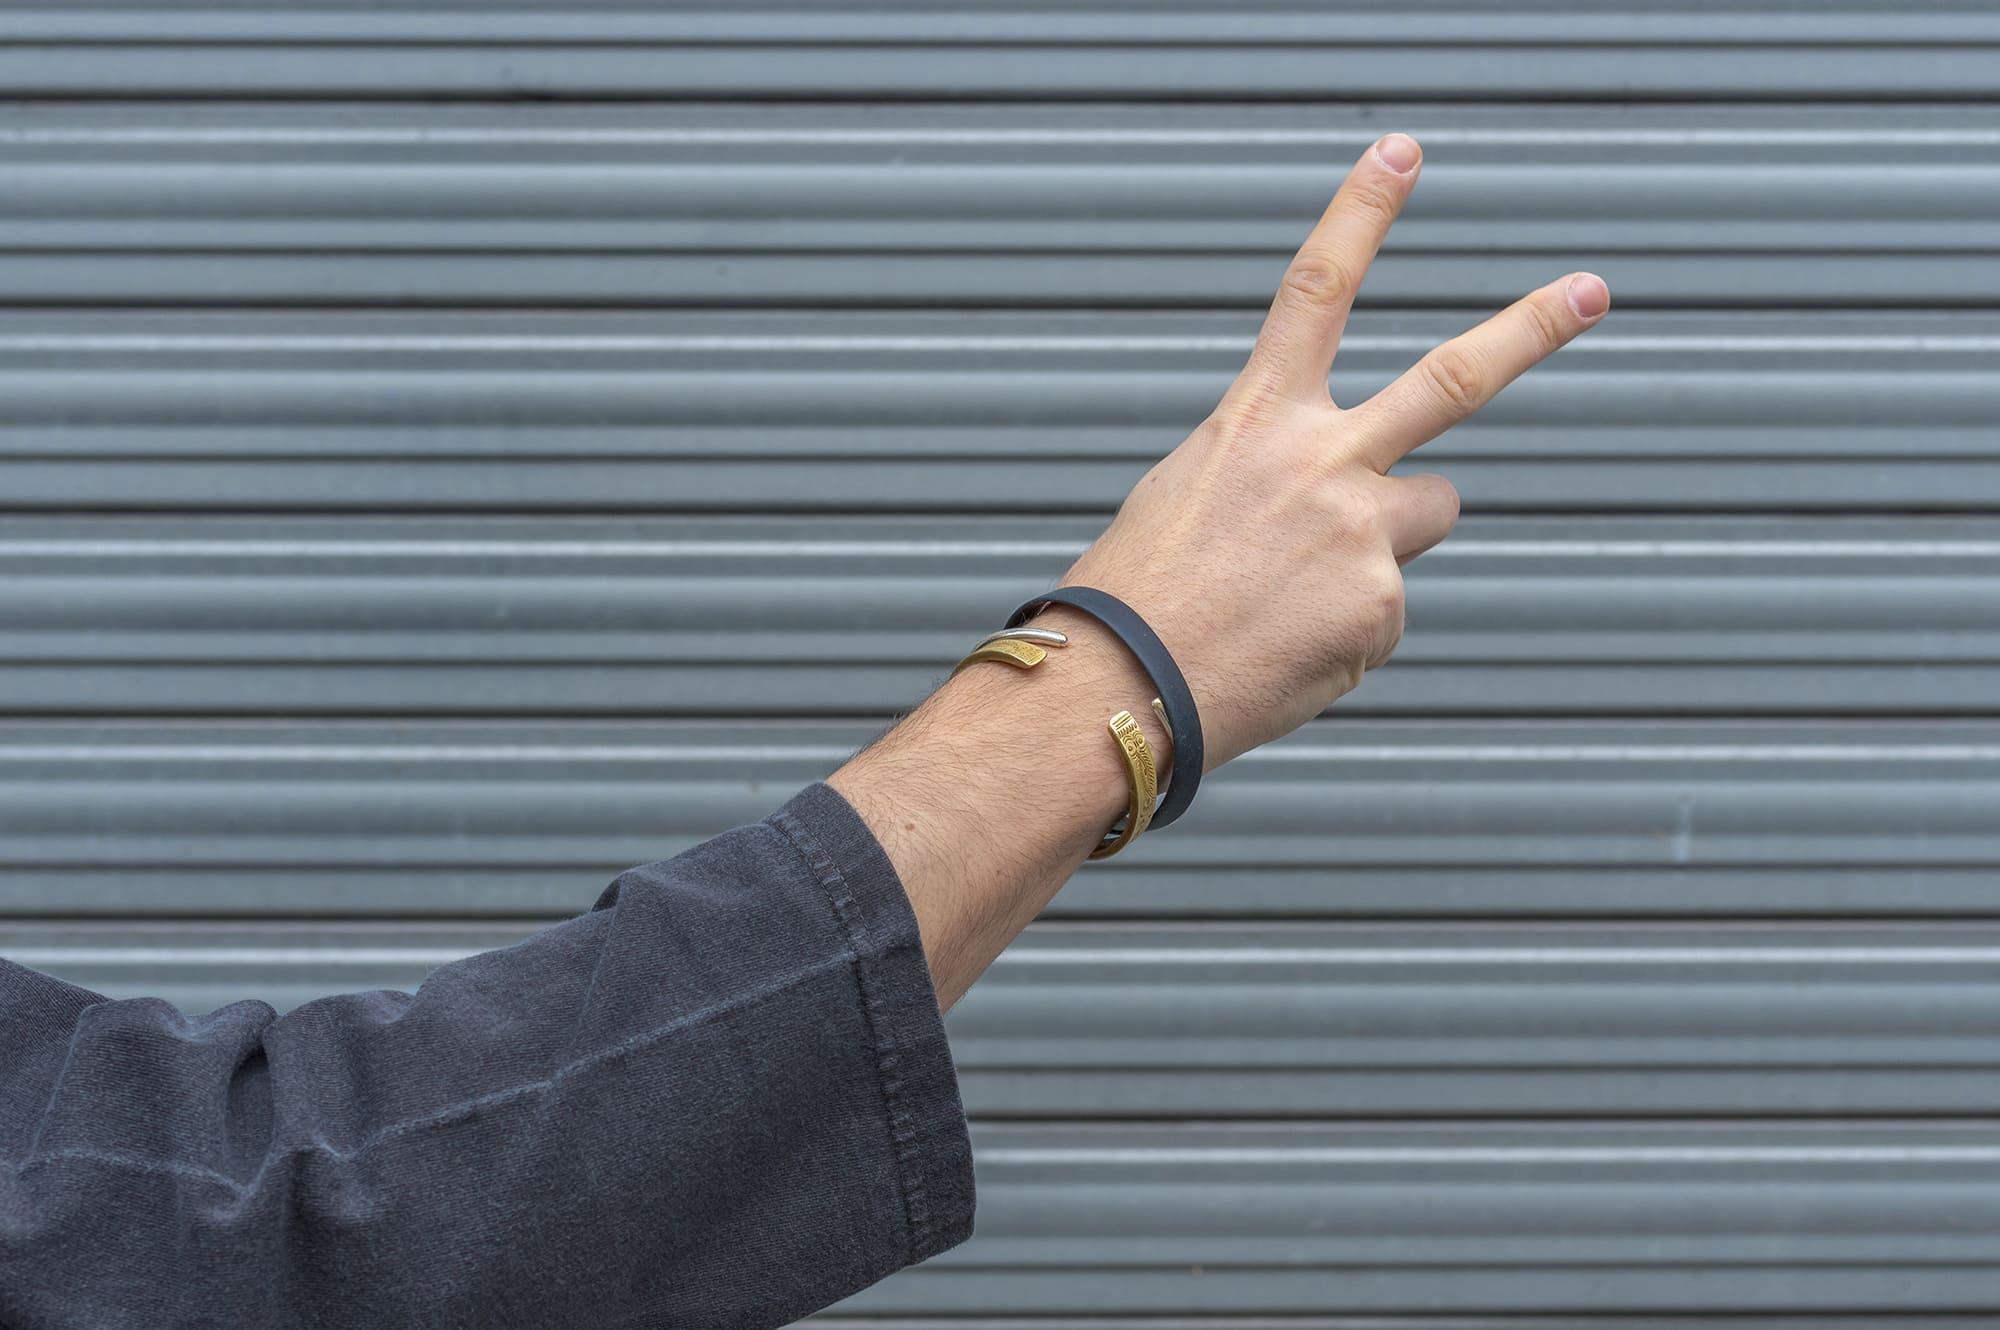 un bracelet pour personnaliser ton style - conseil mode homme